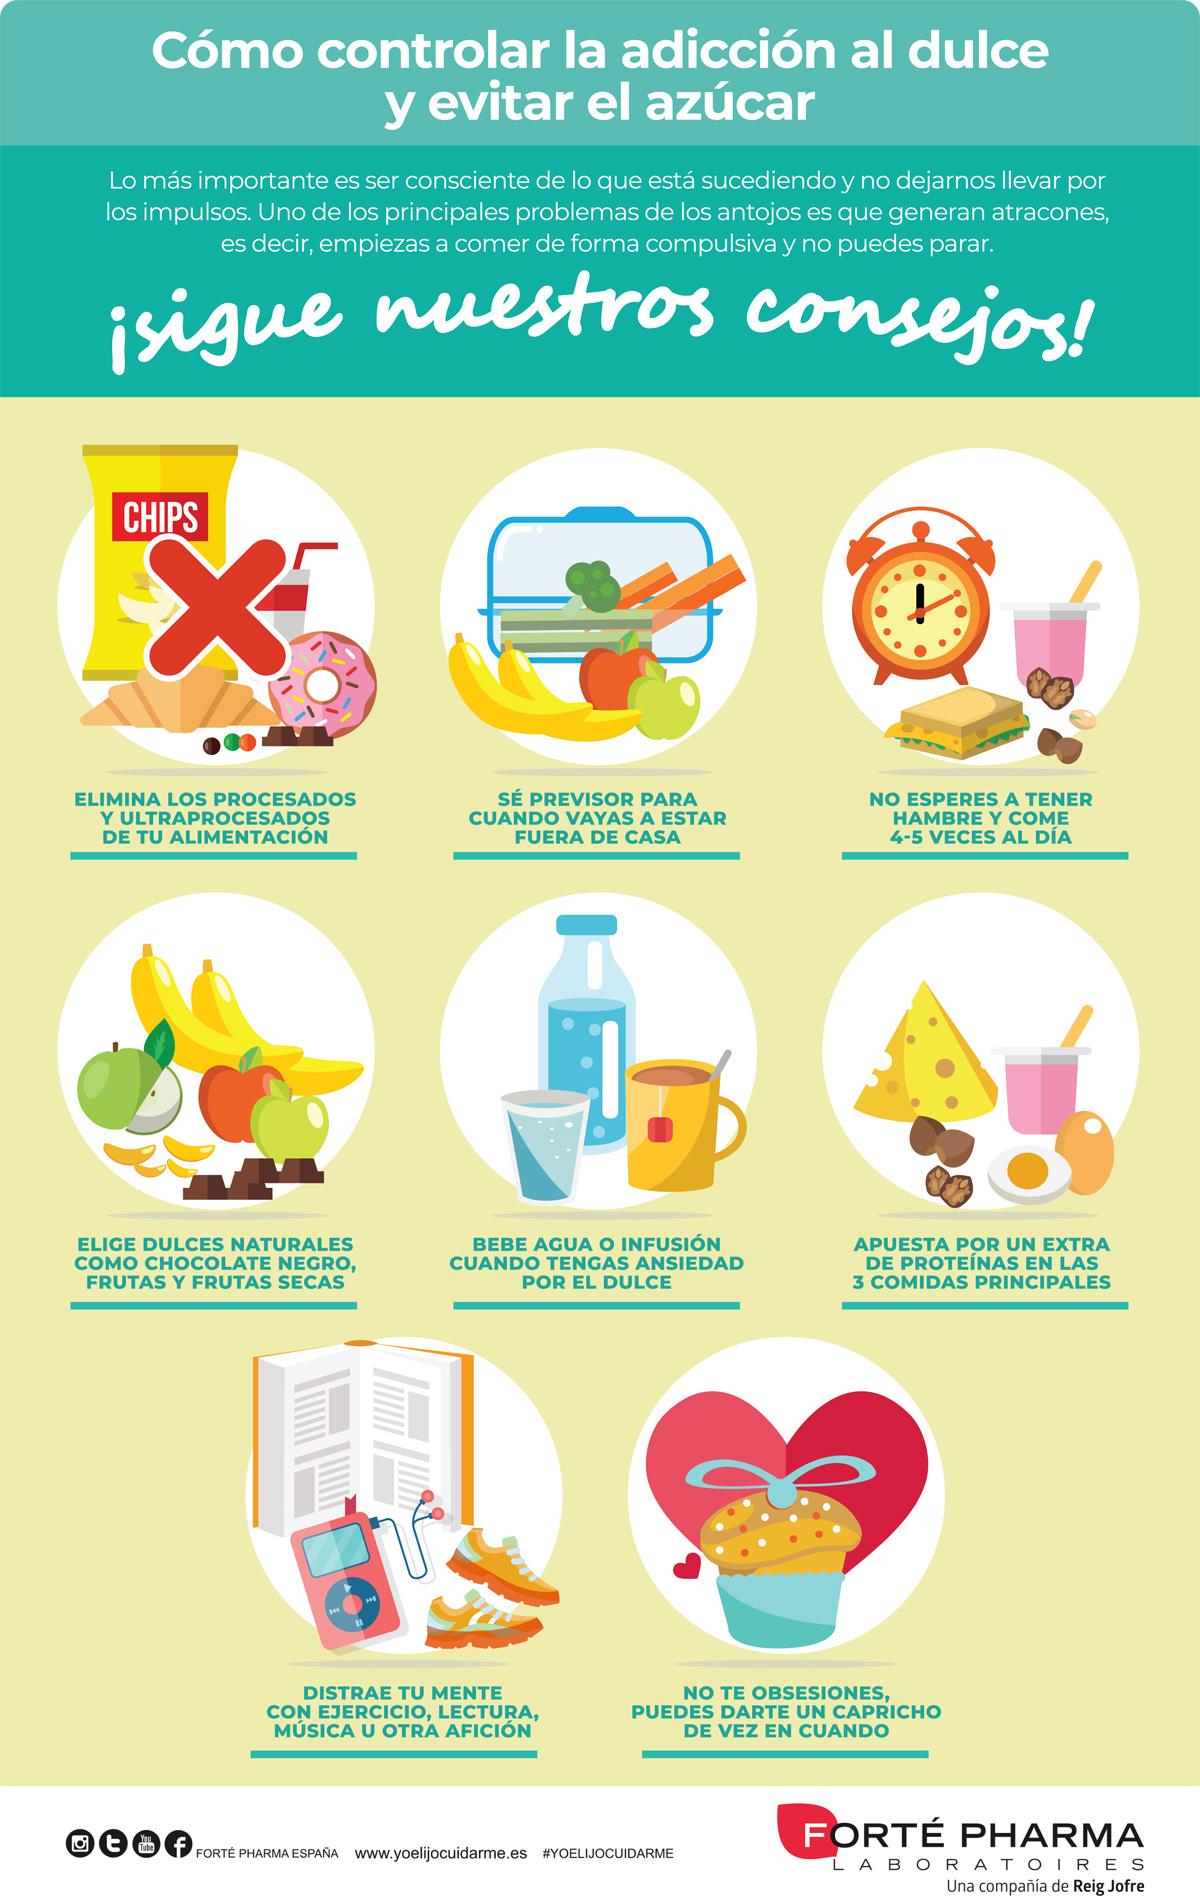 Guía paso a paso sobre cómo dejar el azúcar y comer dulces